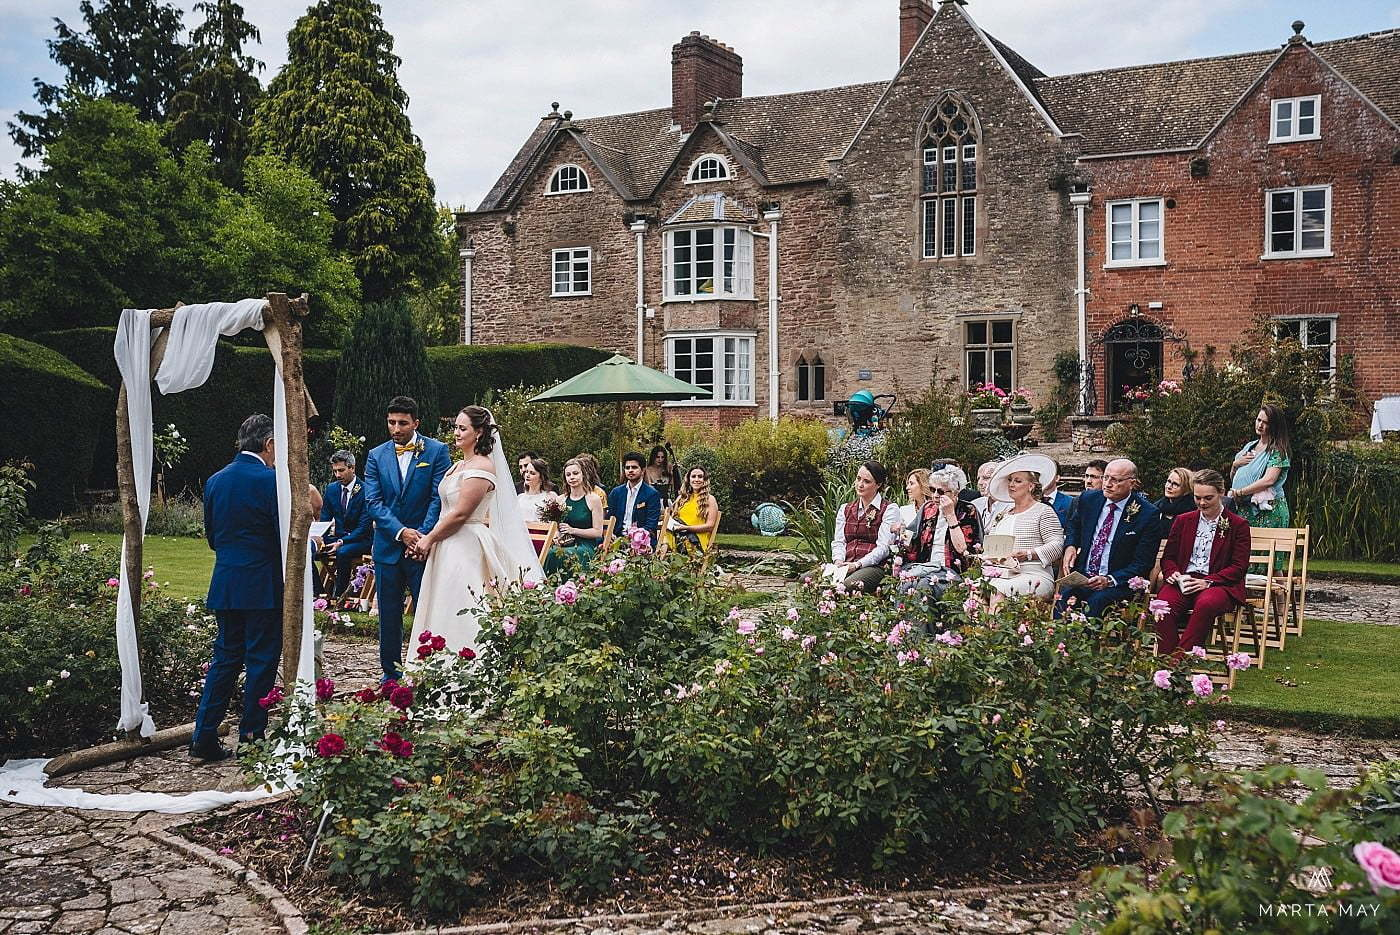 Broadfield Court weddings